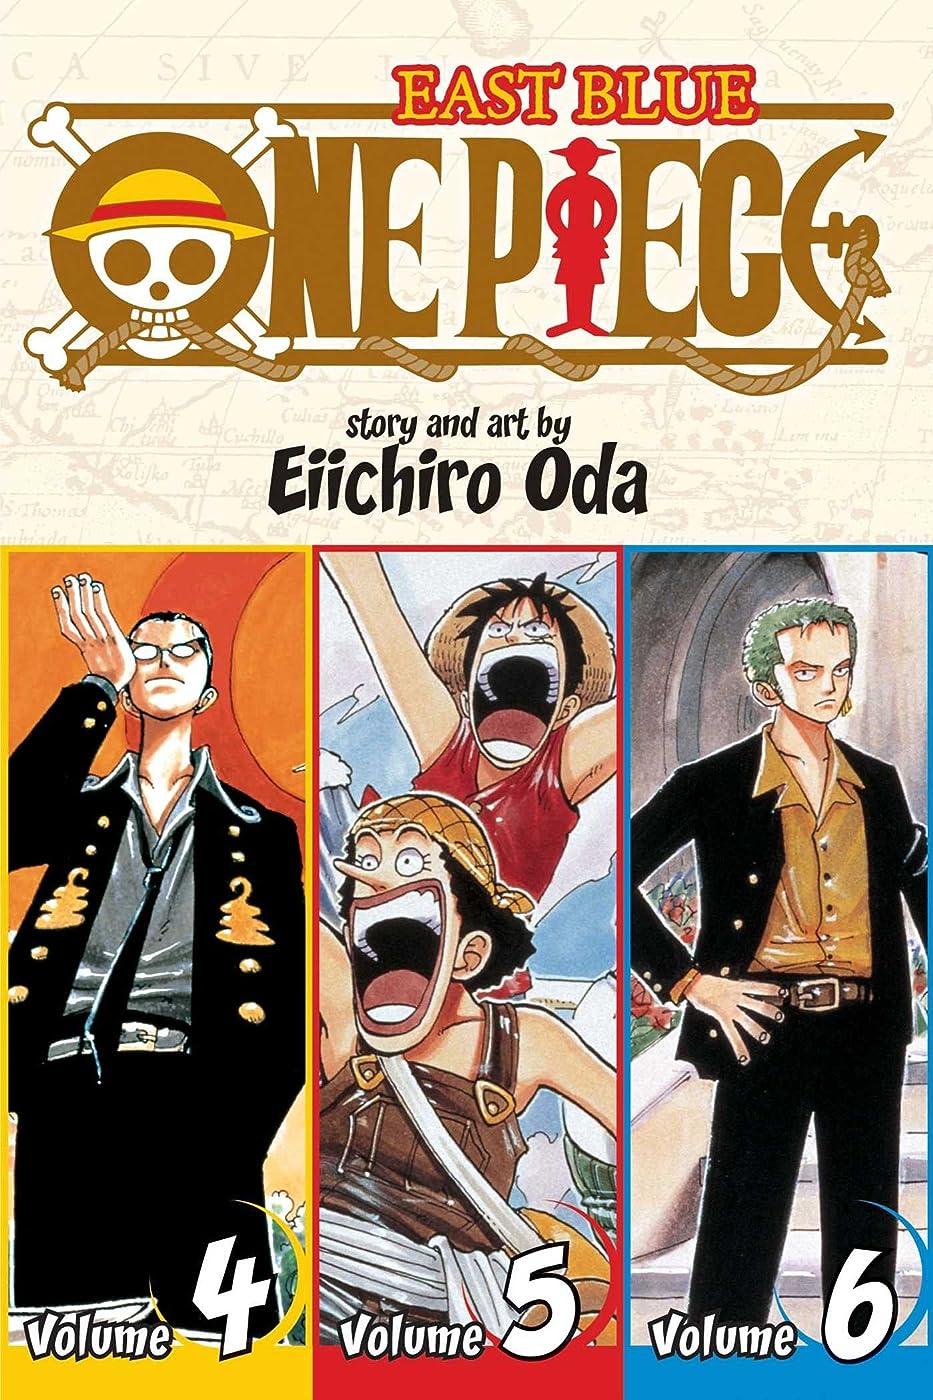 熟考する器具ブッシュOne Piece:  East Blue 4-5-6, Vol. 2 (Omnibus Edition) (2) (One Piece (Omnibus Edition))